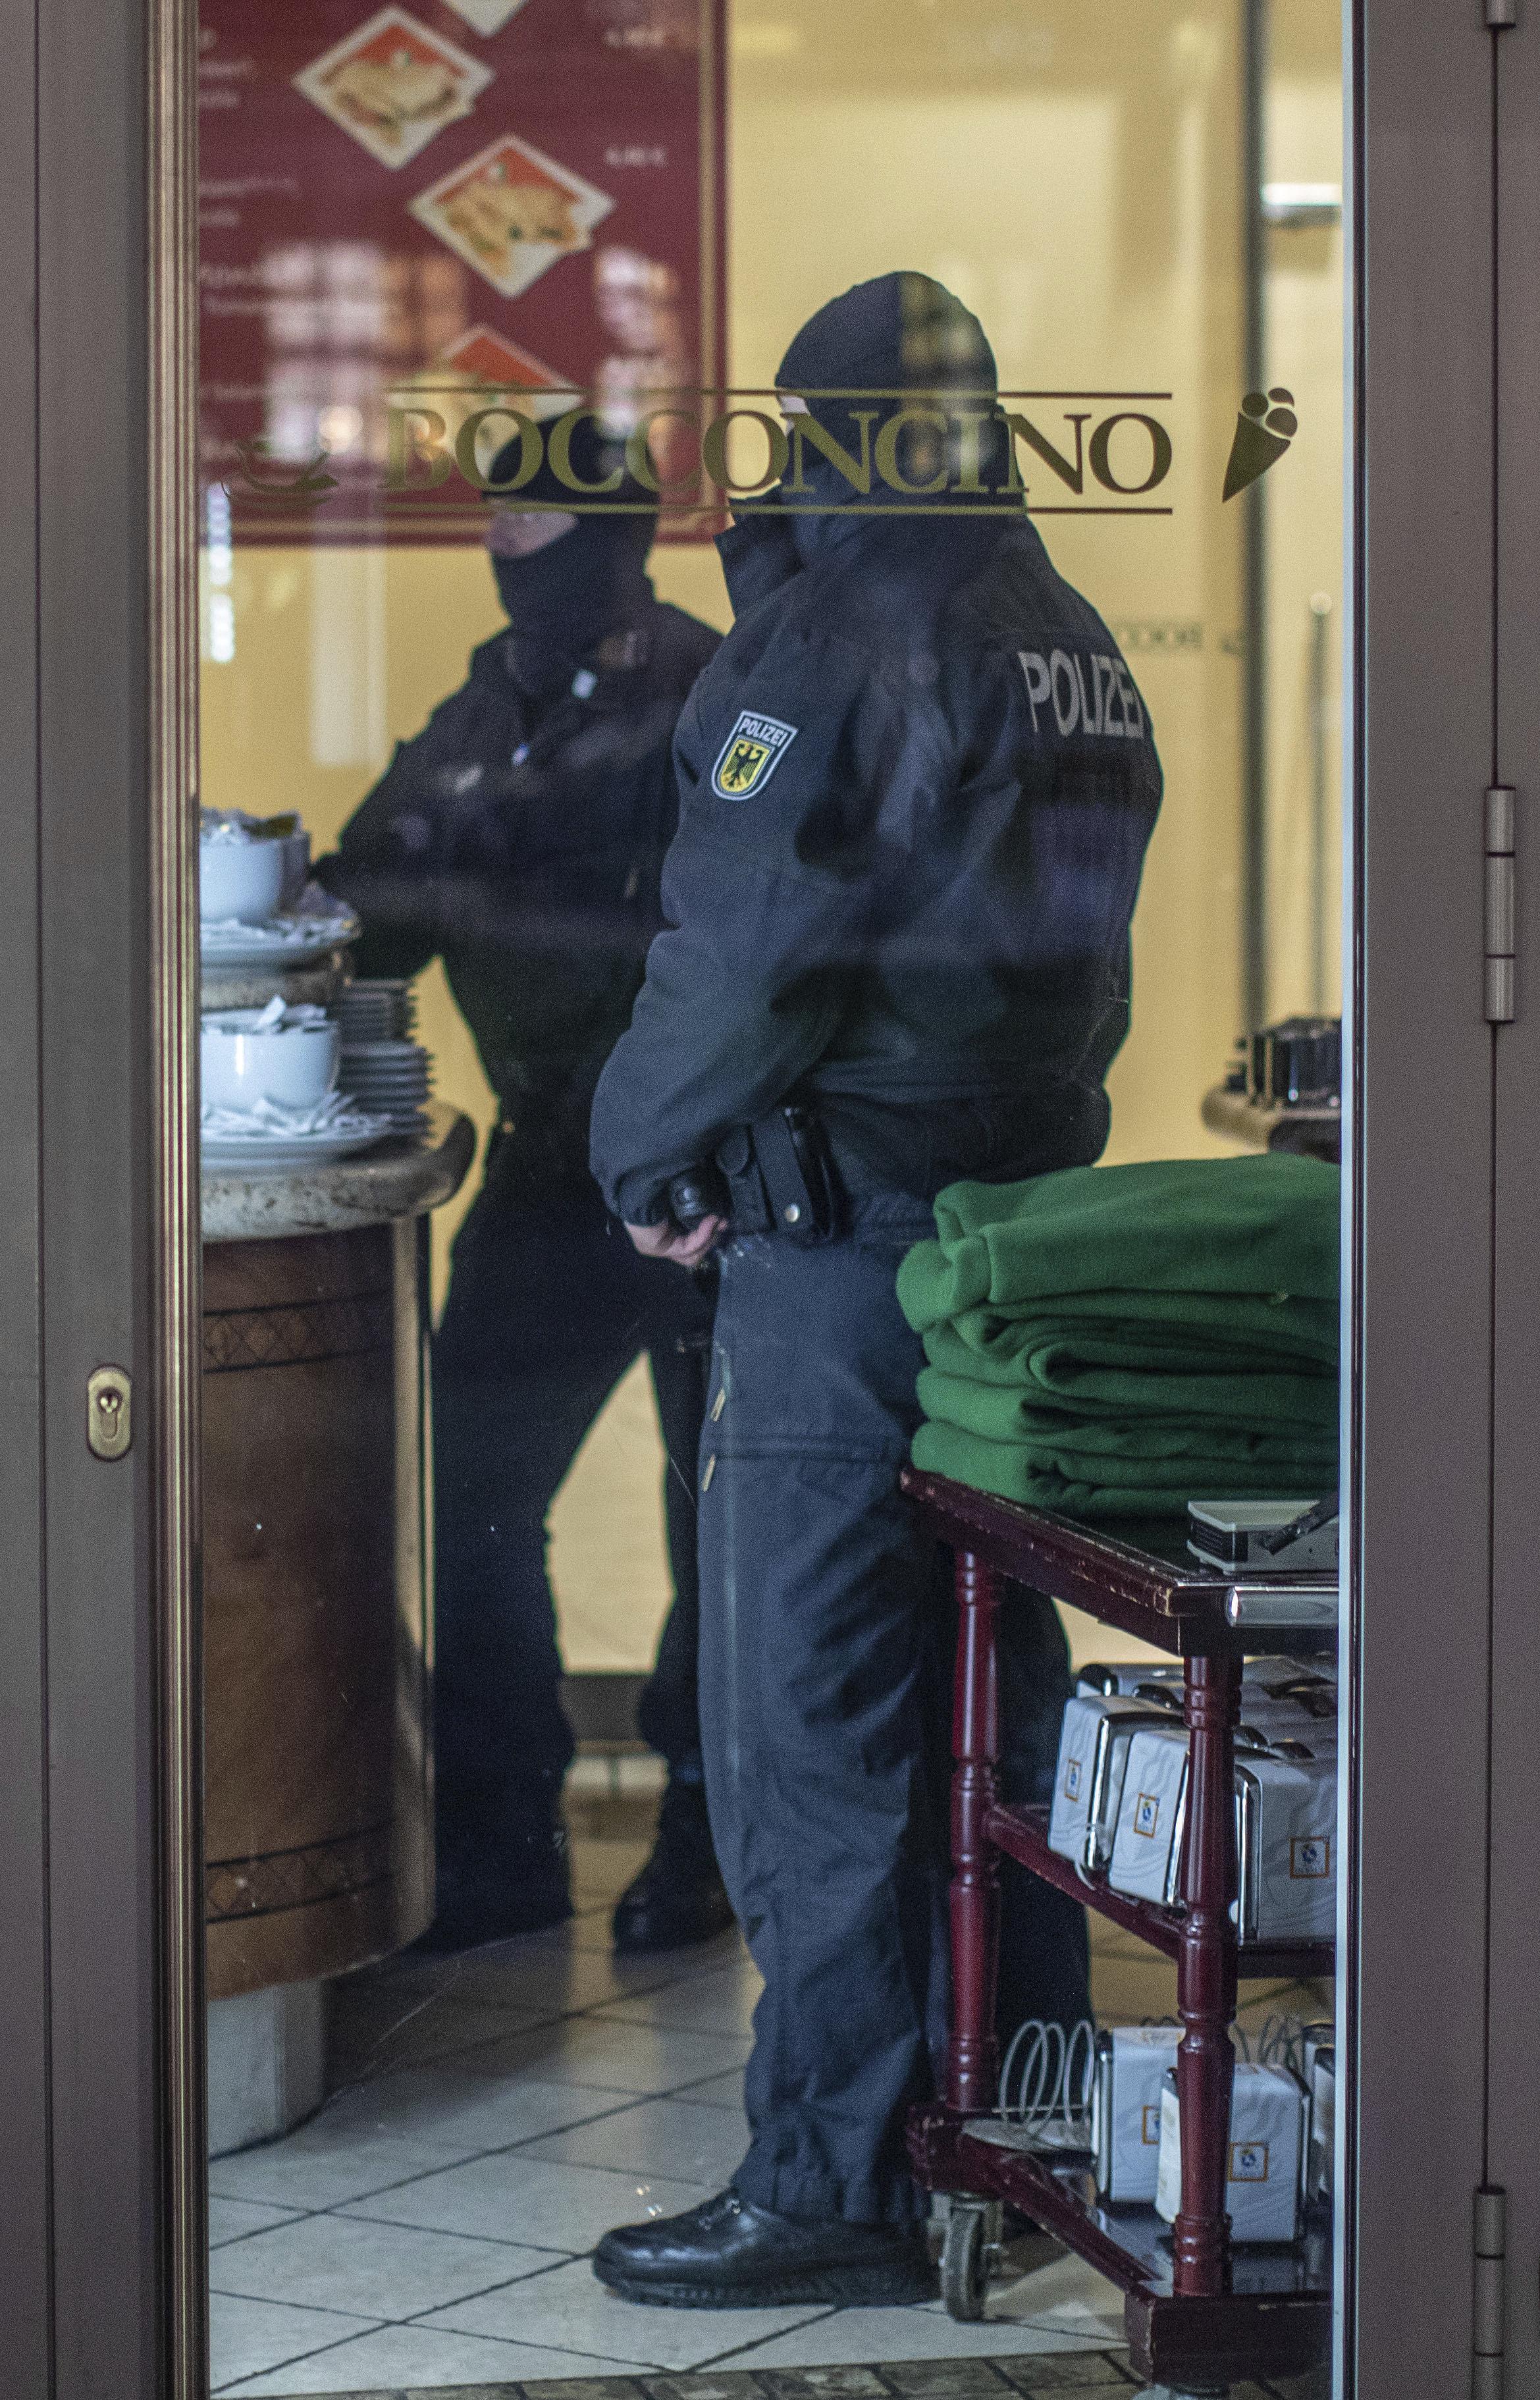 Ξηλώνουν τη Μαφία: Δεκάδες συλλήψεις σε ευρωπαϊκή επιχείρηση κατά της ιταλικής